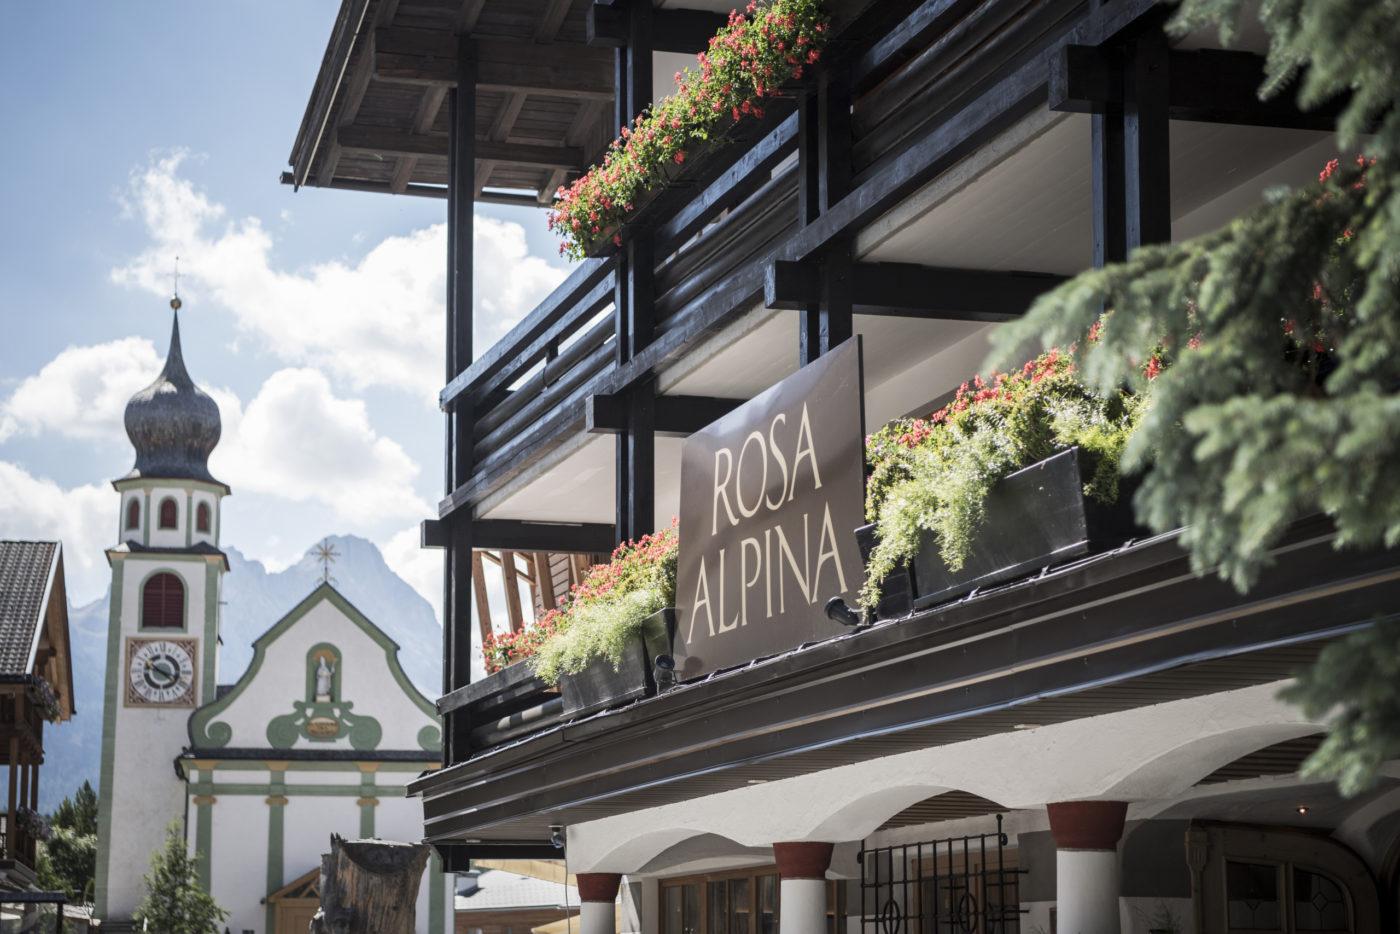 Uno scorcio esterno della facciata del Rosa Alpina che diventerà Aman